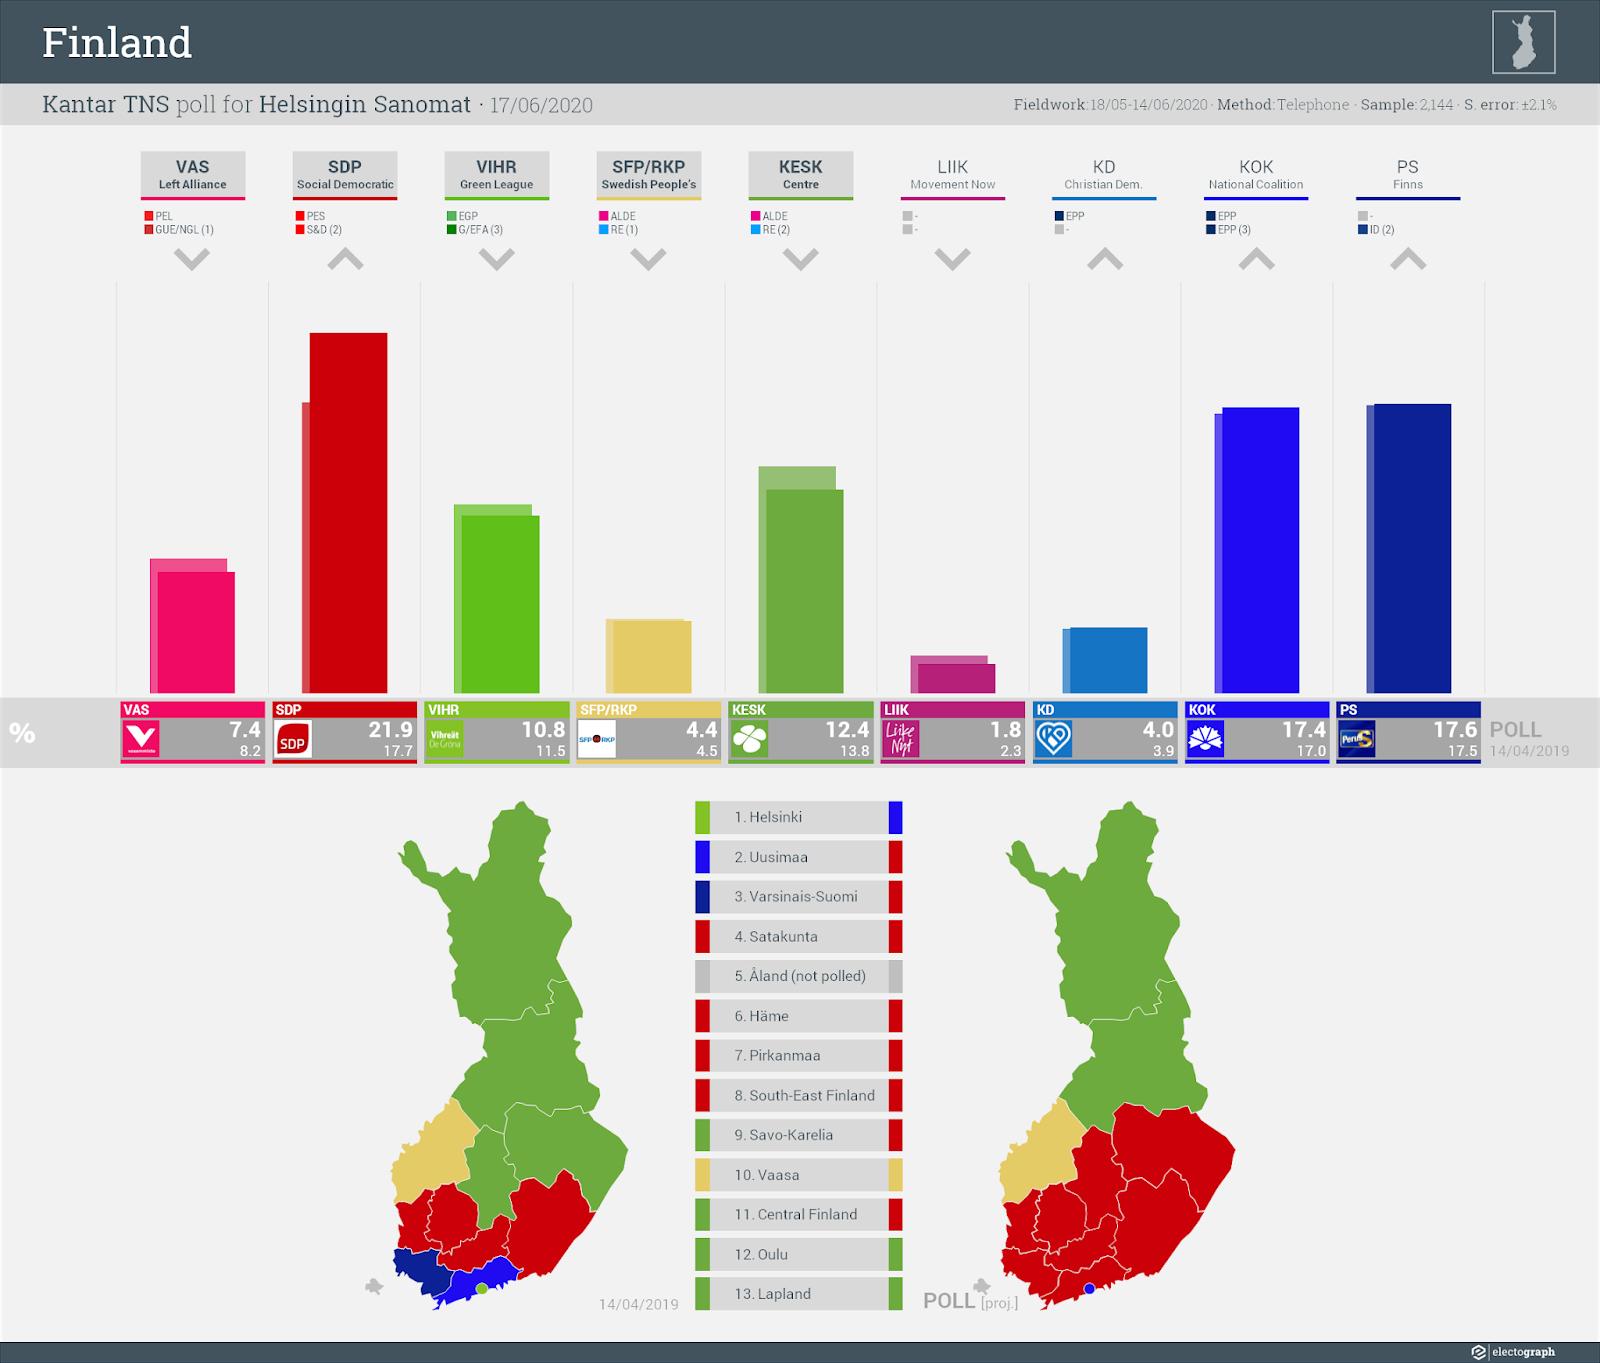 FINLAND: Kantar TNS poll chart for Helsingin Sanomat, 17 June 2020